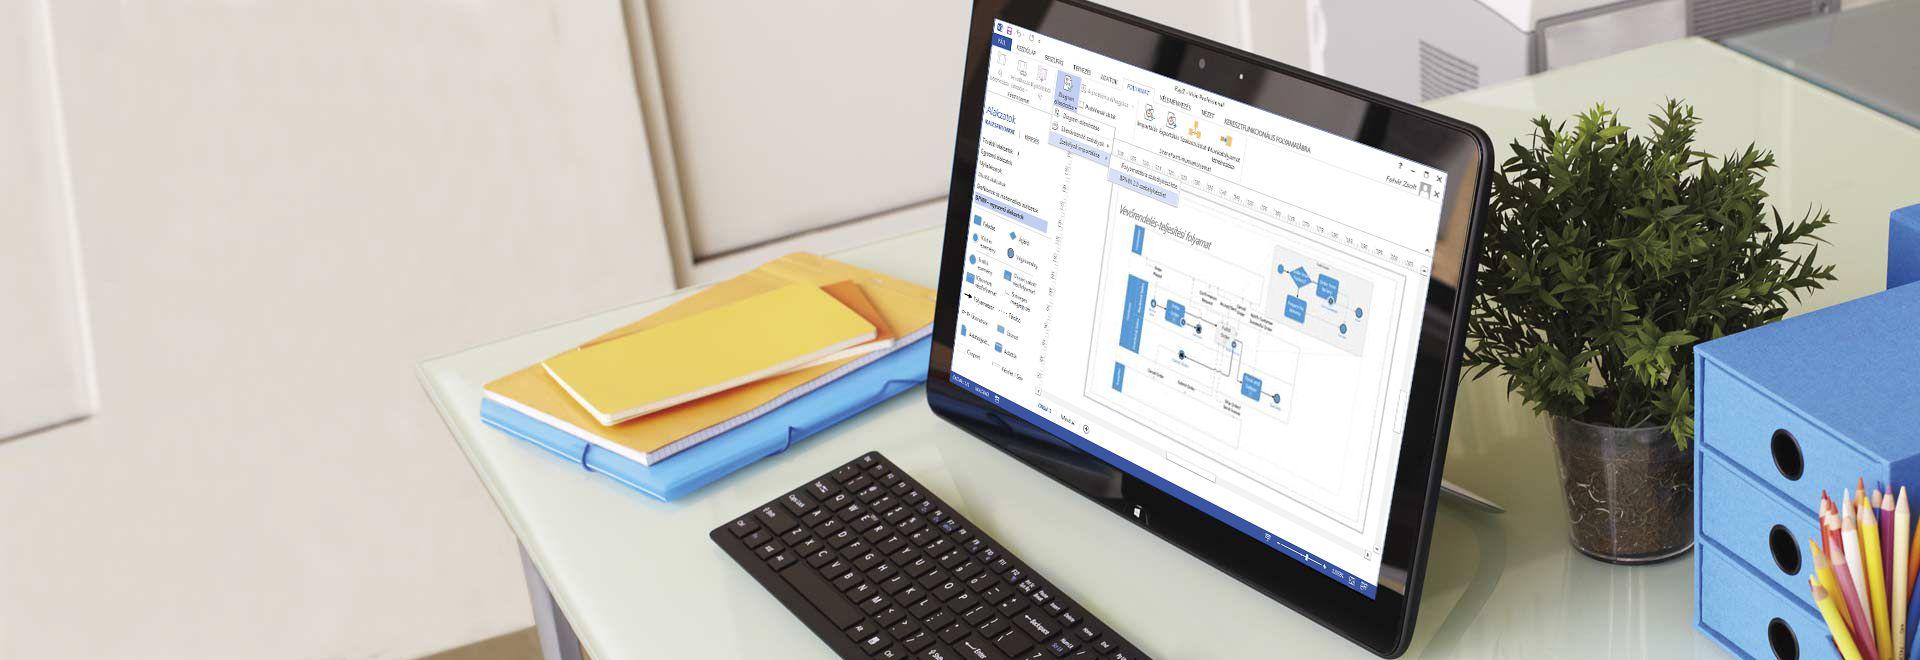 Folyamatdiagram a Visio Professional 2016-ban, egy asztalon fekvő táblagépen